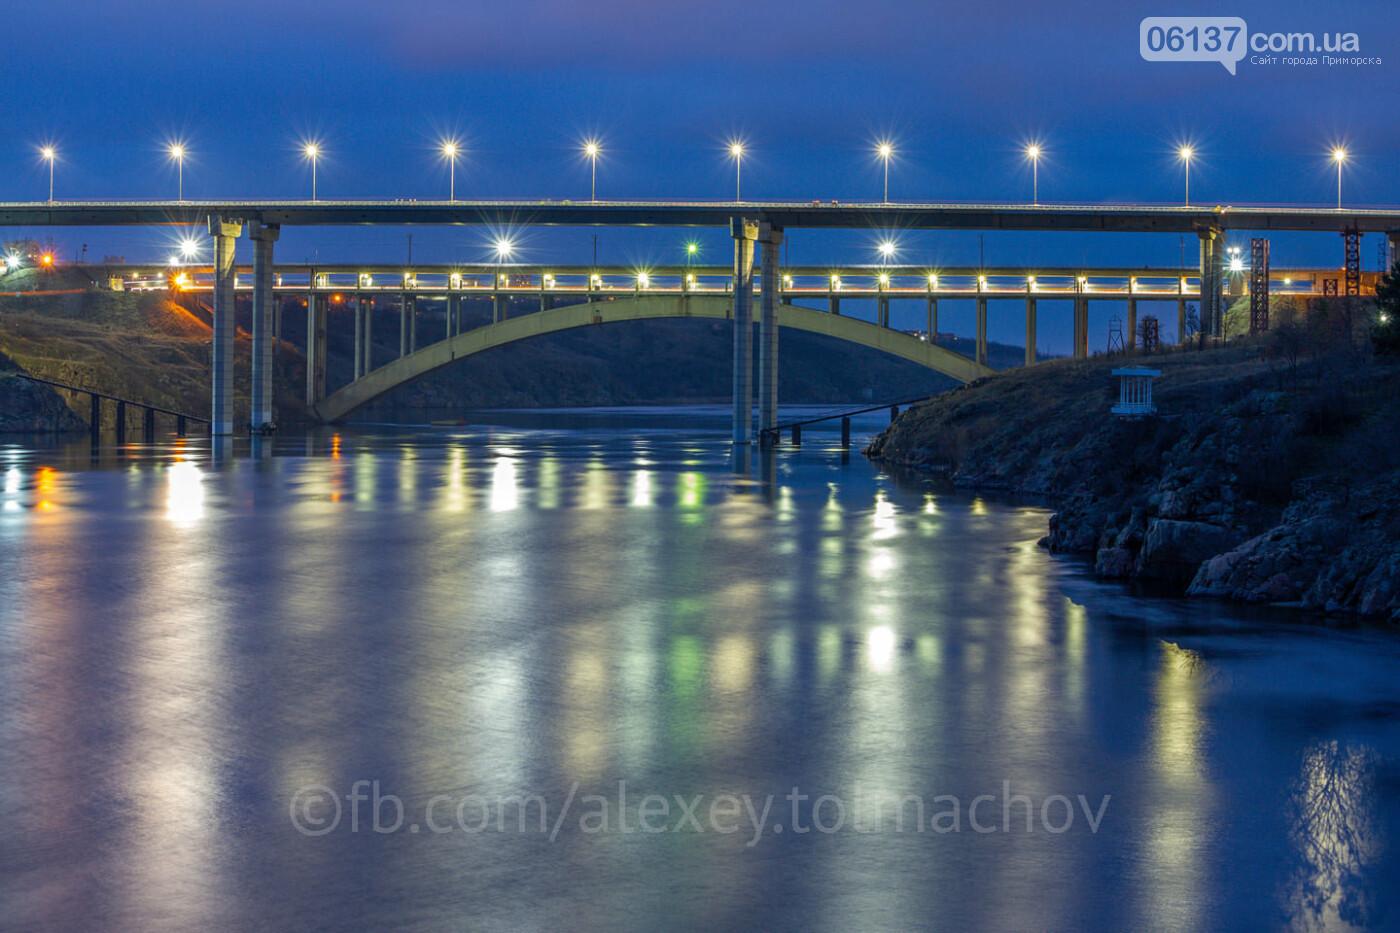 Запорожский фотограф опубликовал эпохальное фото нового моста. Фото , фото-1